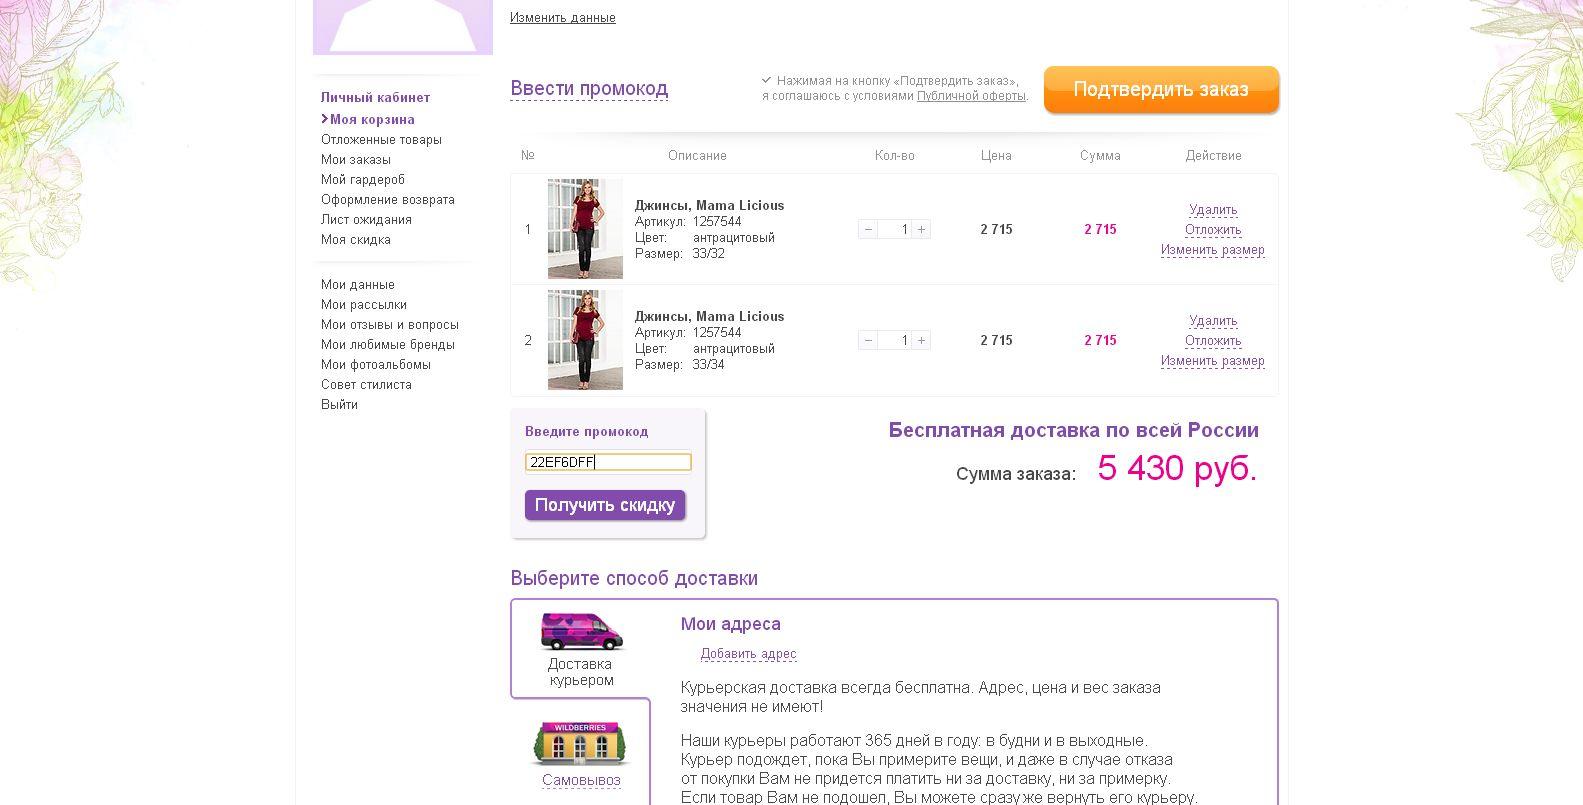 Интернет магазин вилдберис сделать заказ страховая компания айбиджи официальный сайт